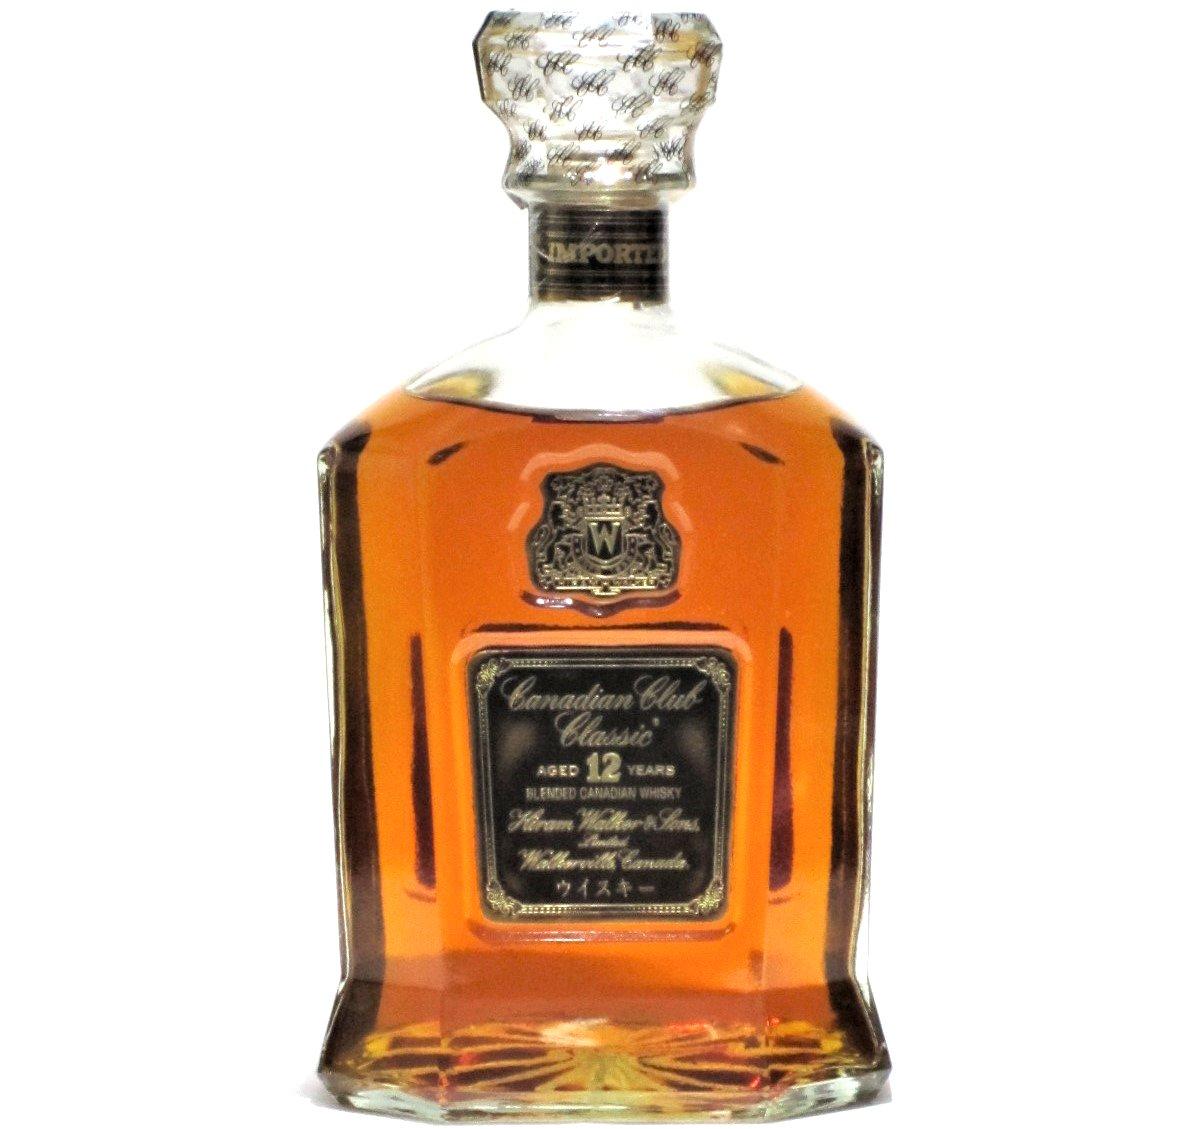 [古酒] カナディアンクラブ クラシック 12年 正規品 40度 750ml